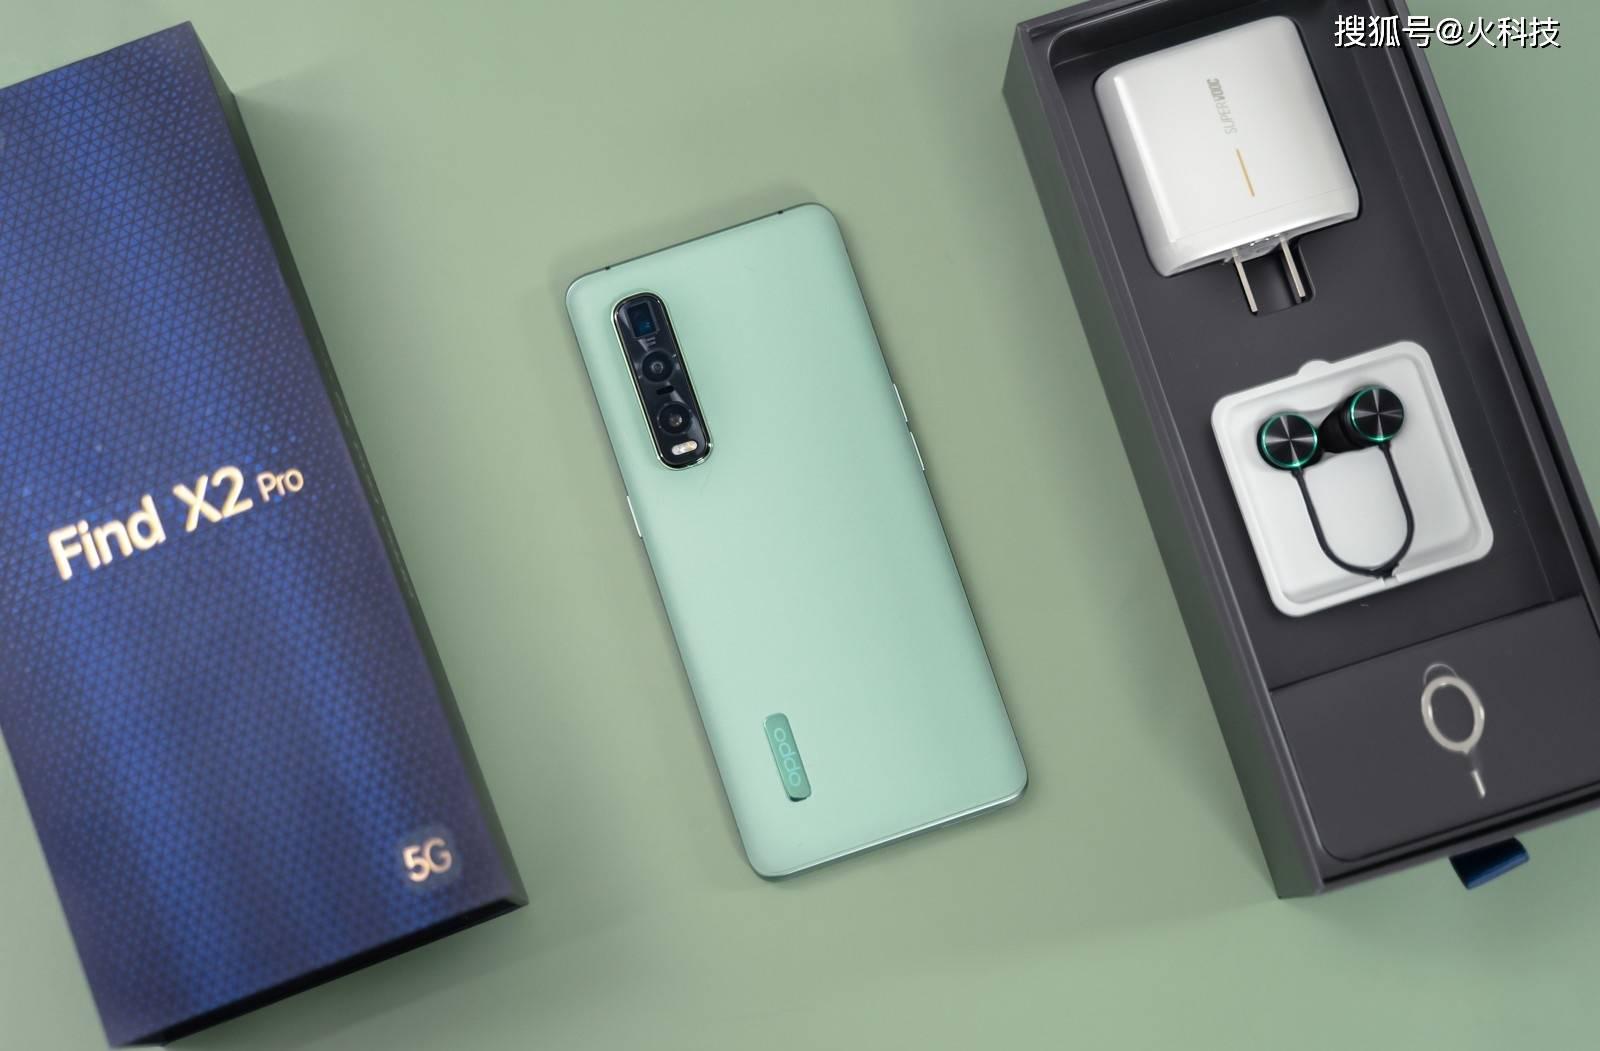 2020年oppo最值得选择的手机,高价低配和低价高配